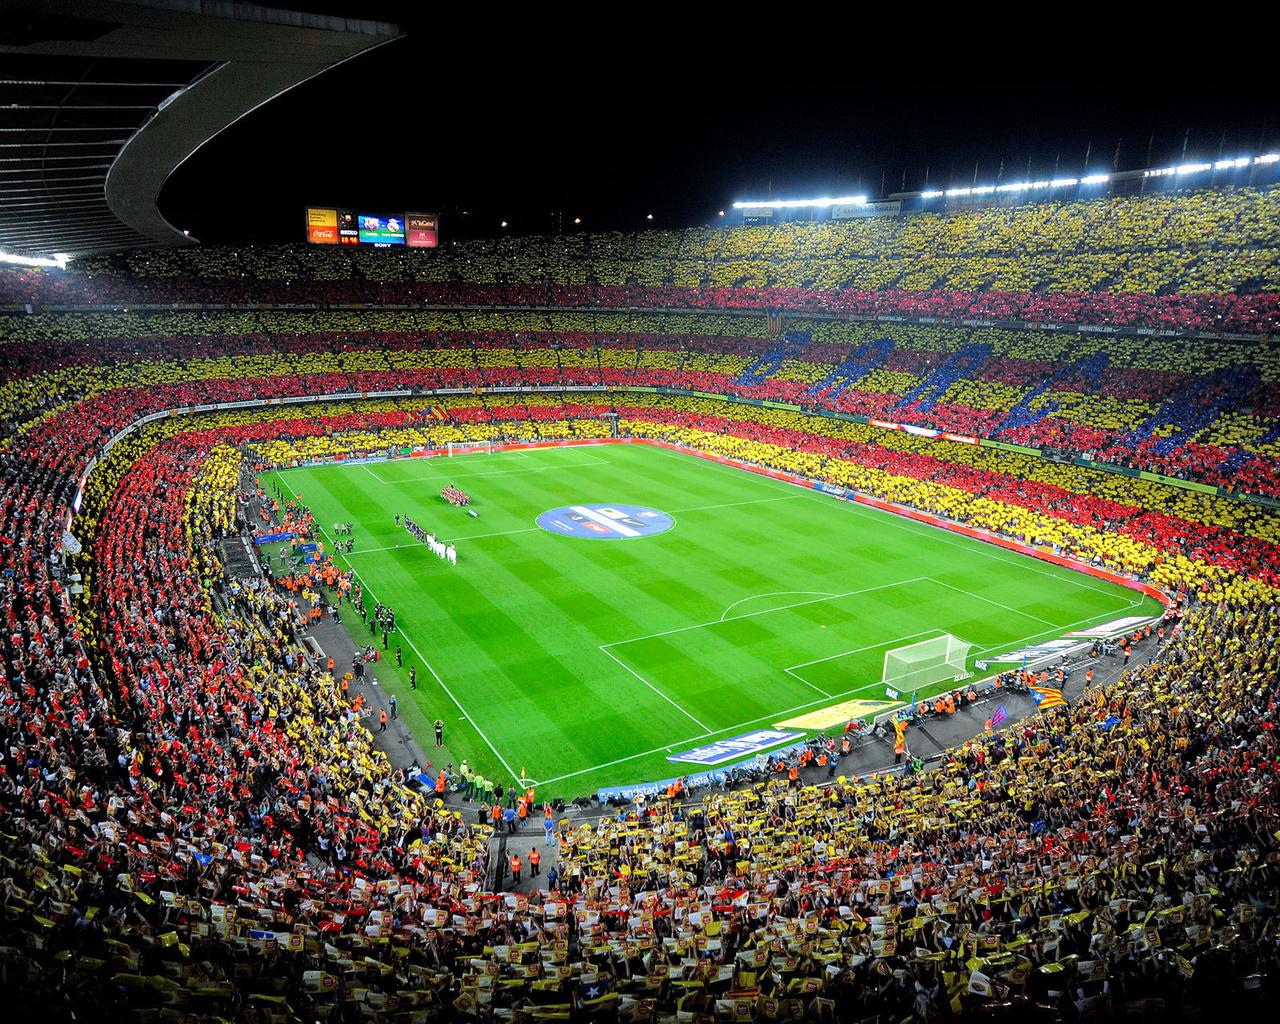 camp nou, испания, камп ноу, fc barcelona, барселона, стадион, люди, футбол